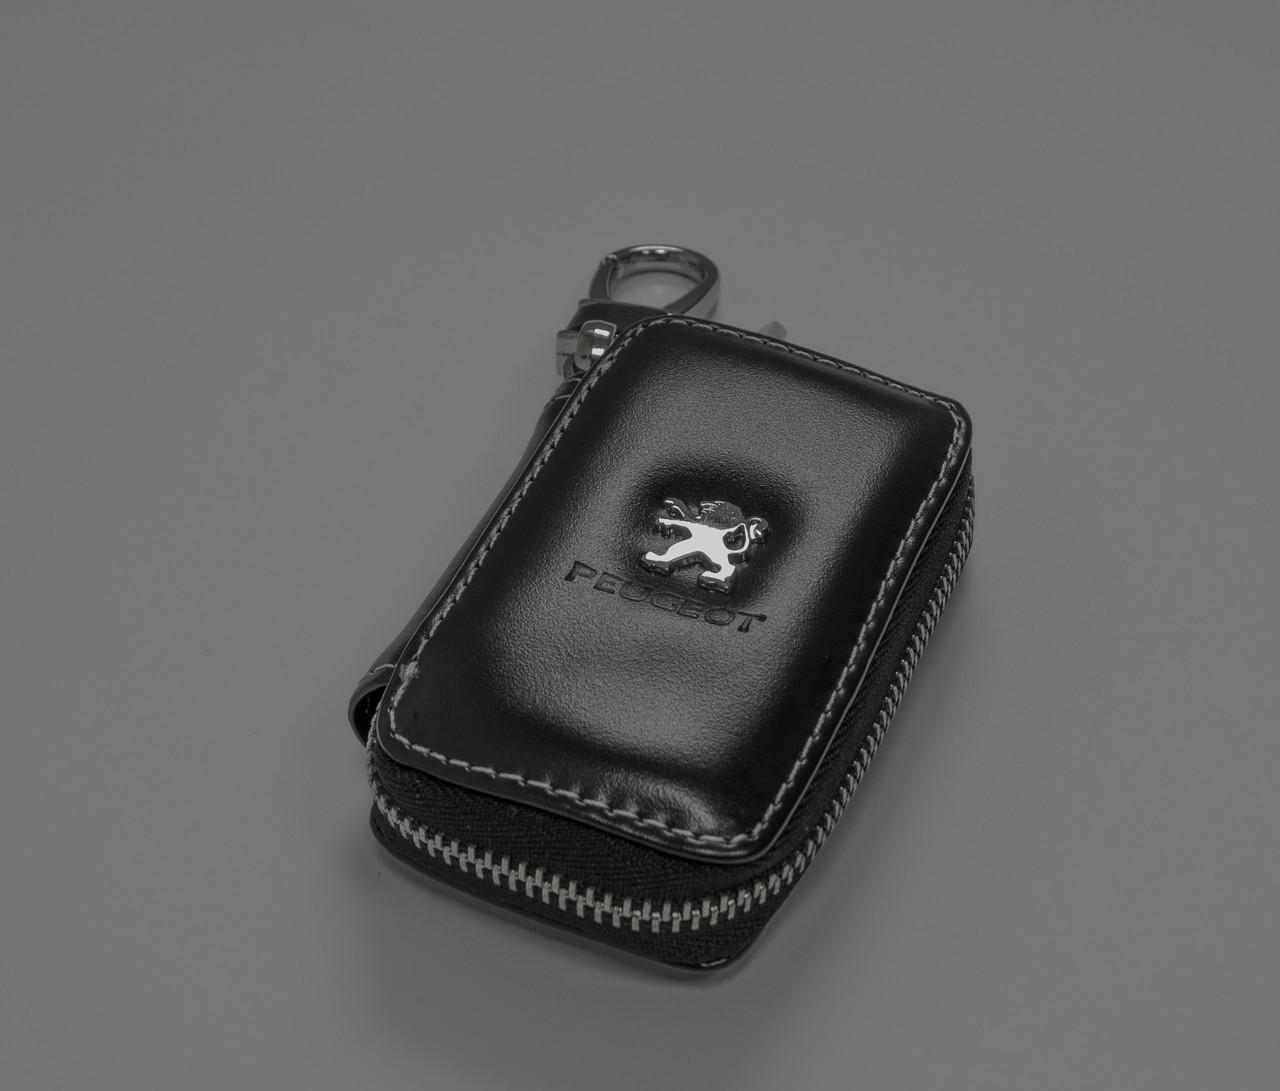 Ключница Carss с логотипом PEUGEOT 19011 черная